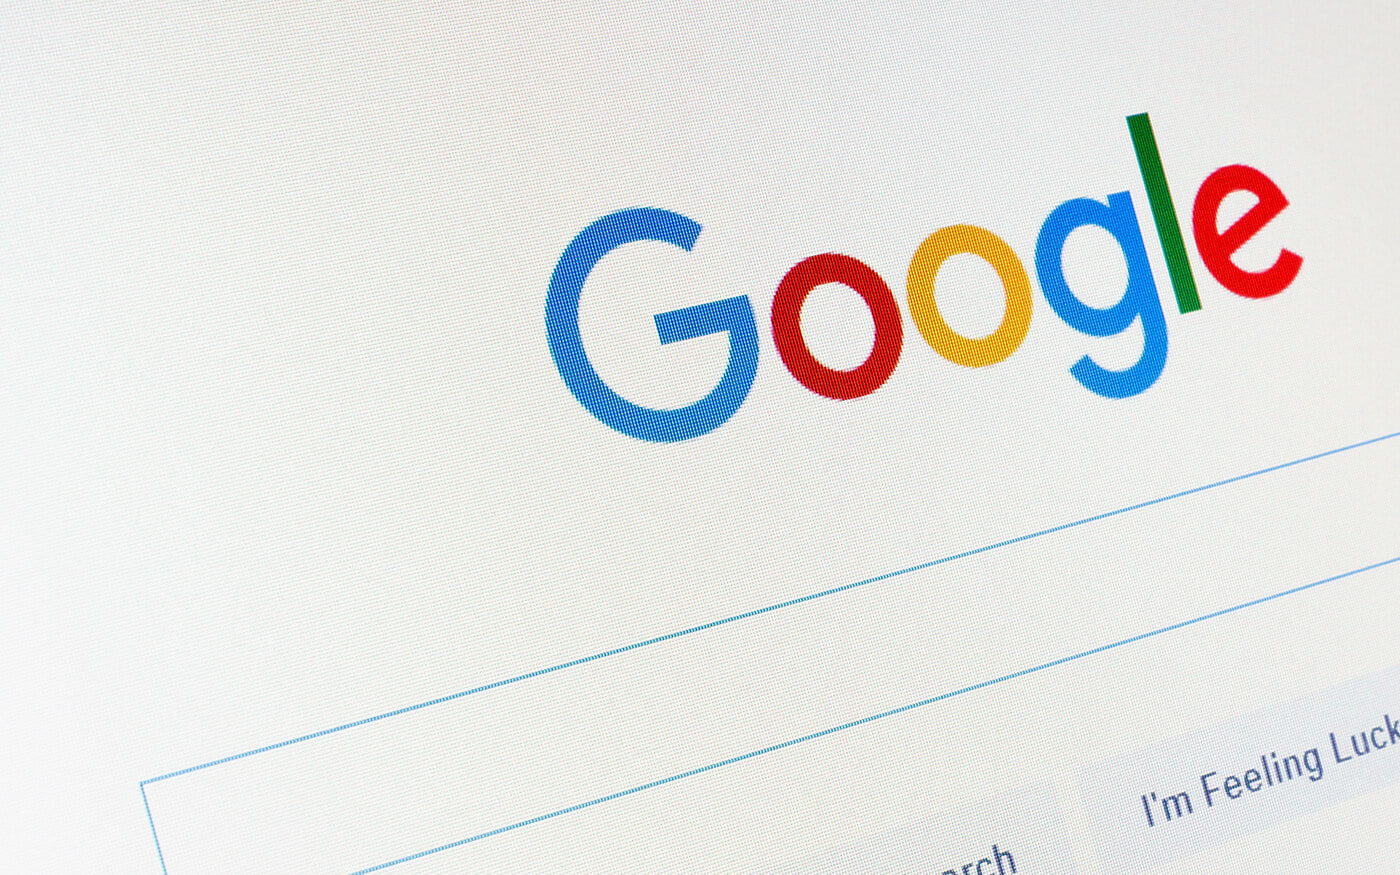 Busca do Google revela relação entre mulheres e educação com pornografia